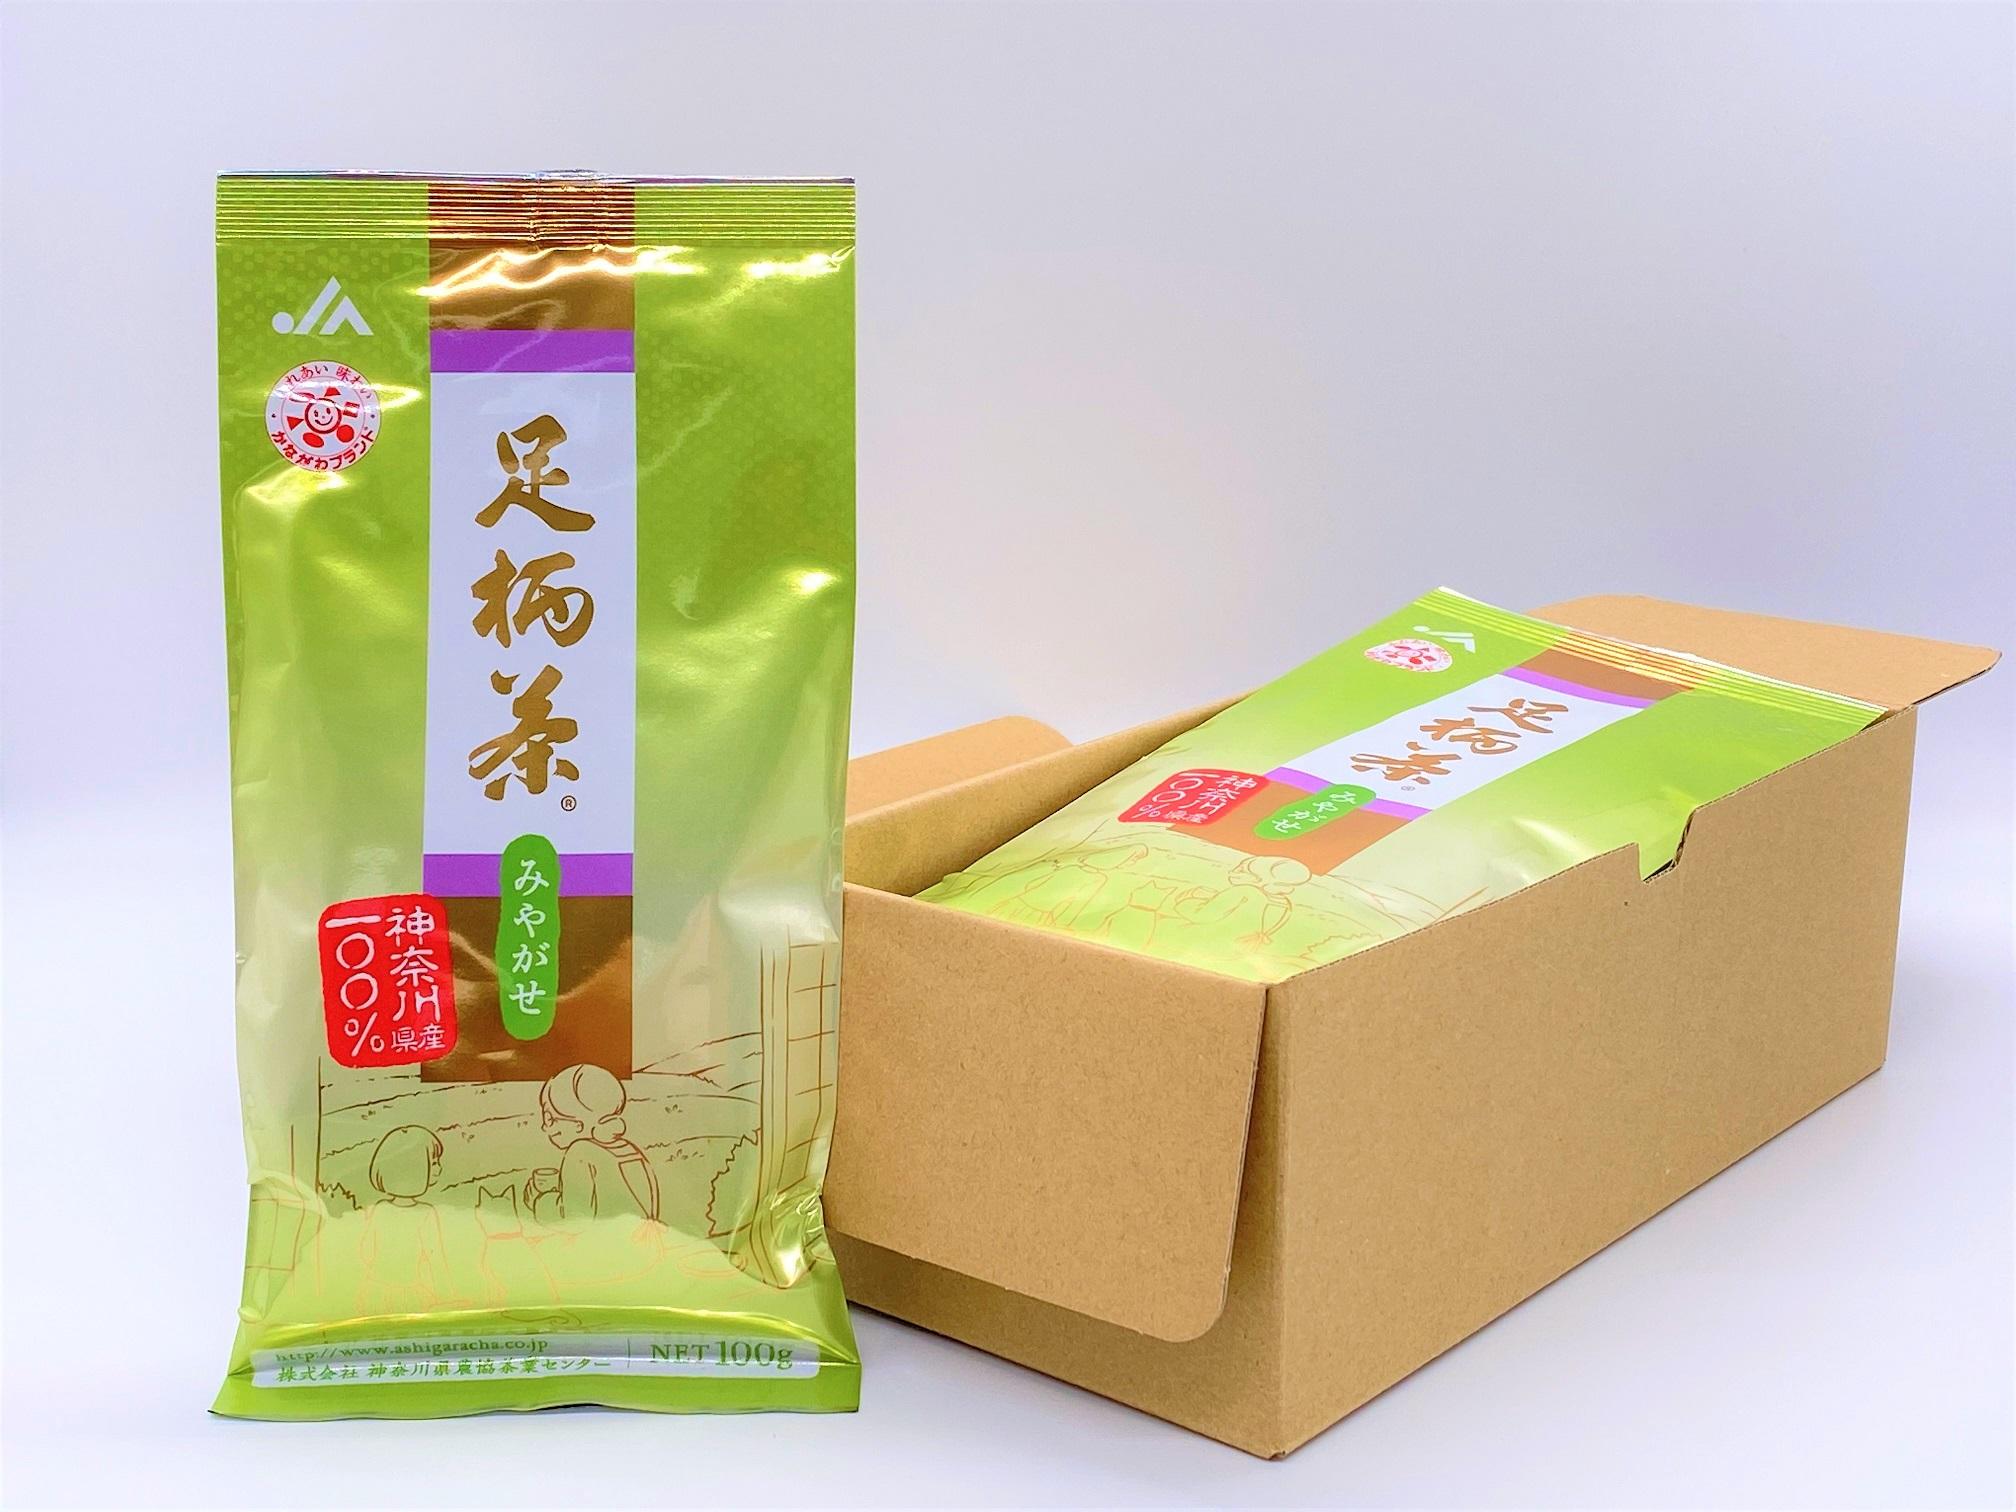 【足柄茶】みやがせ500g(100g×5本)